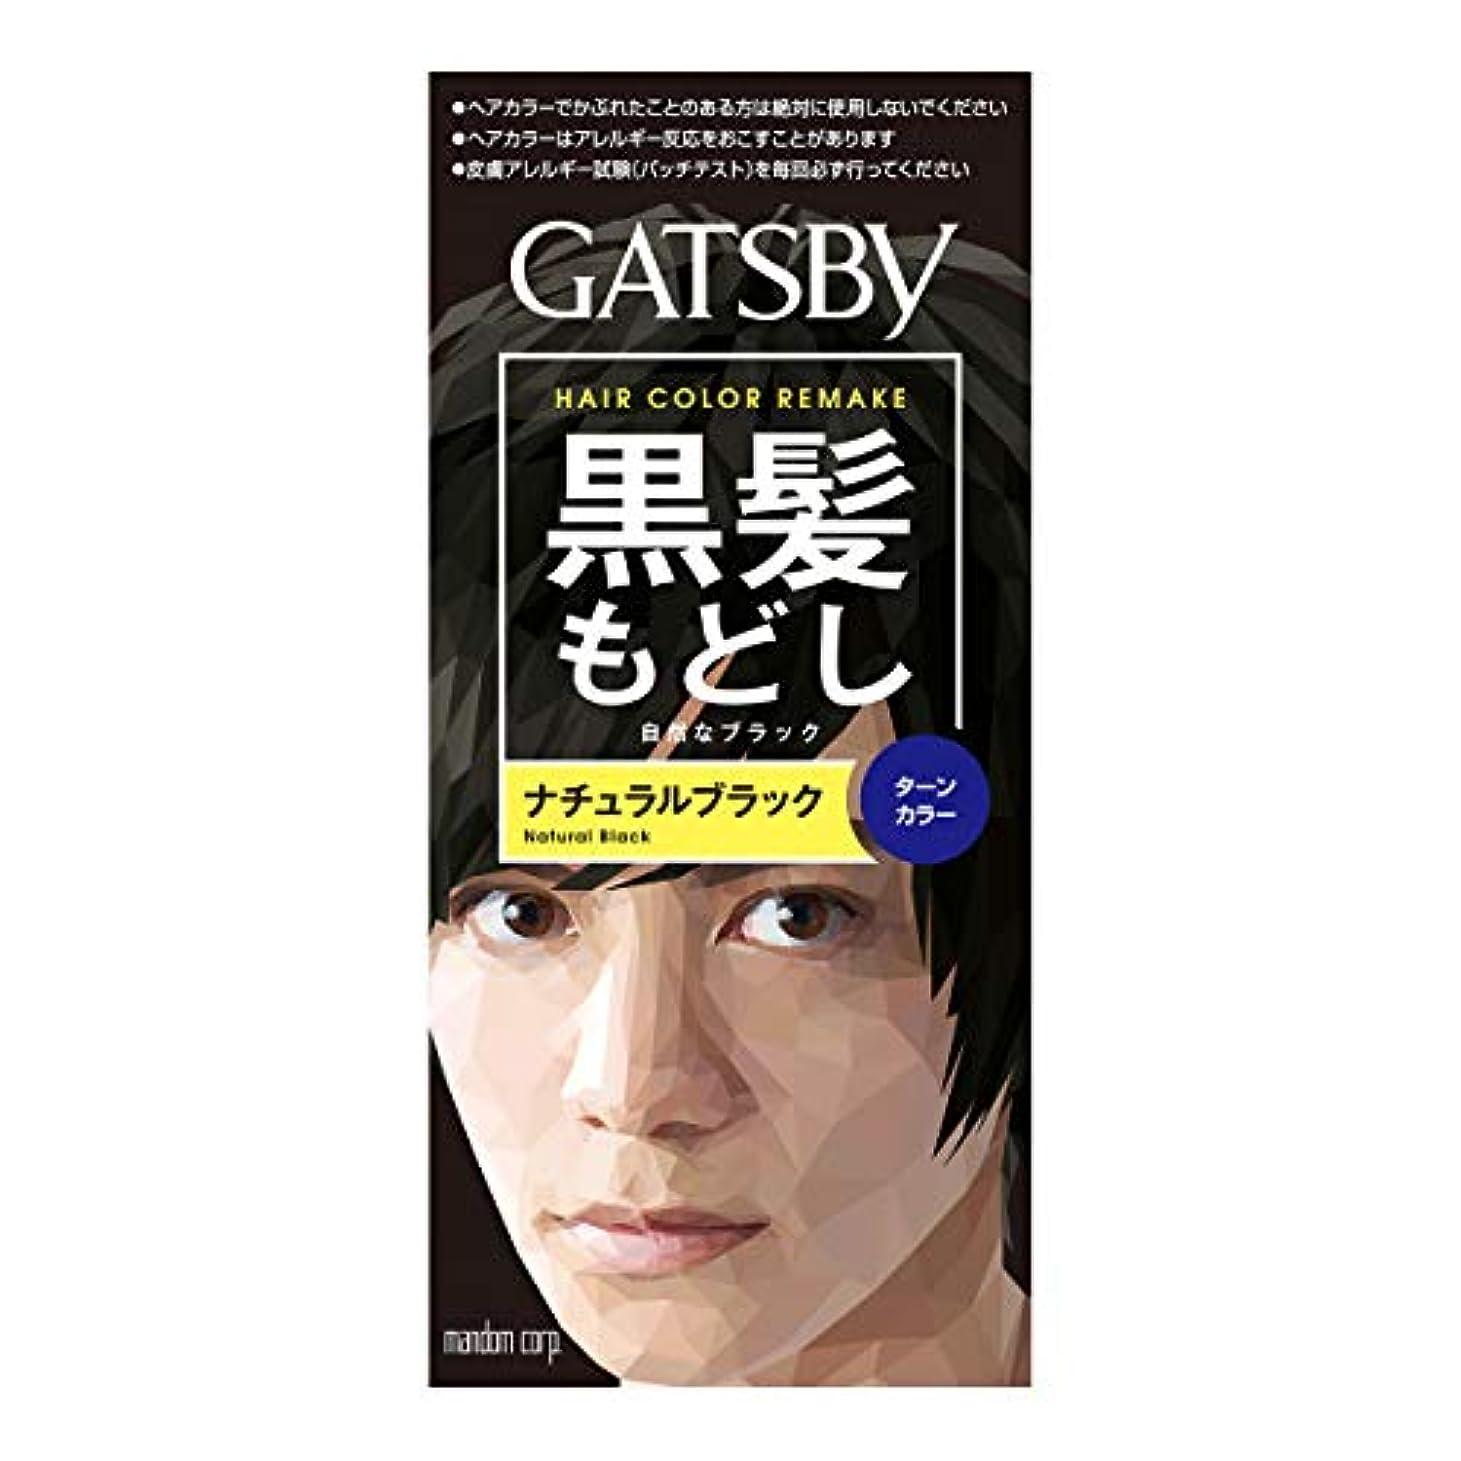 すみませんクレーン独立GATSBY(ギャツビー) ターンカラー ナチュラルブラック 1剤35g 2剤70mL (医薬部外品)